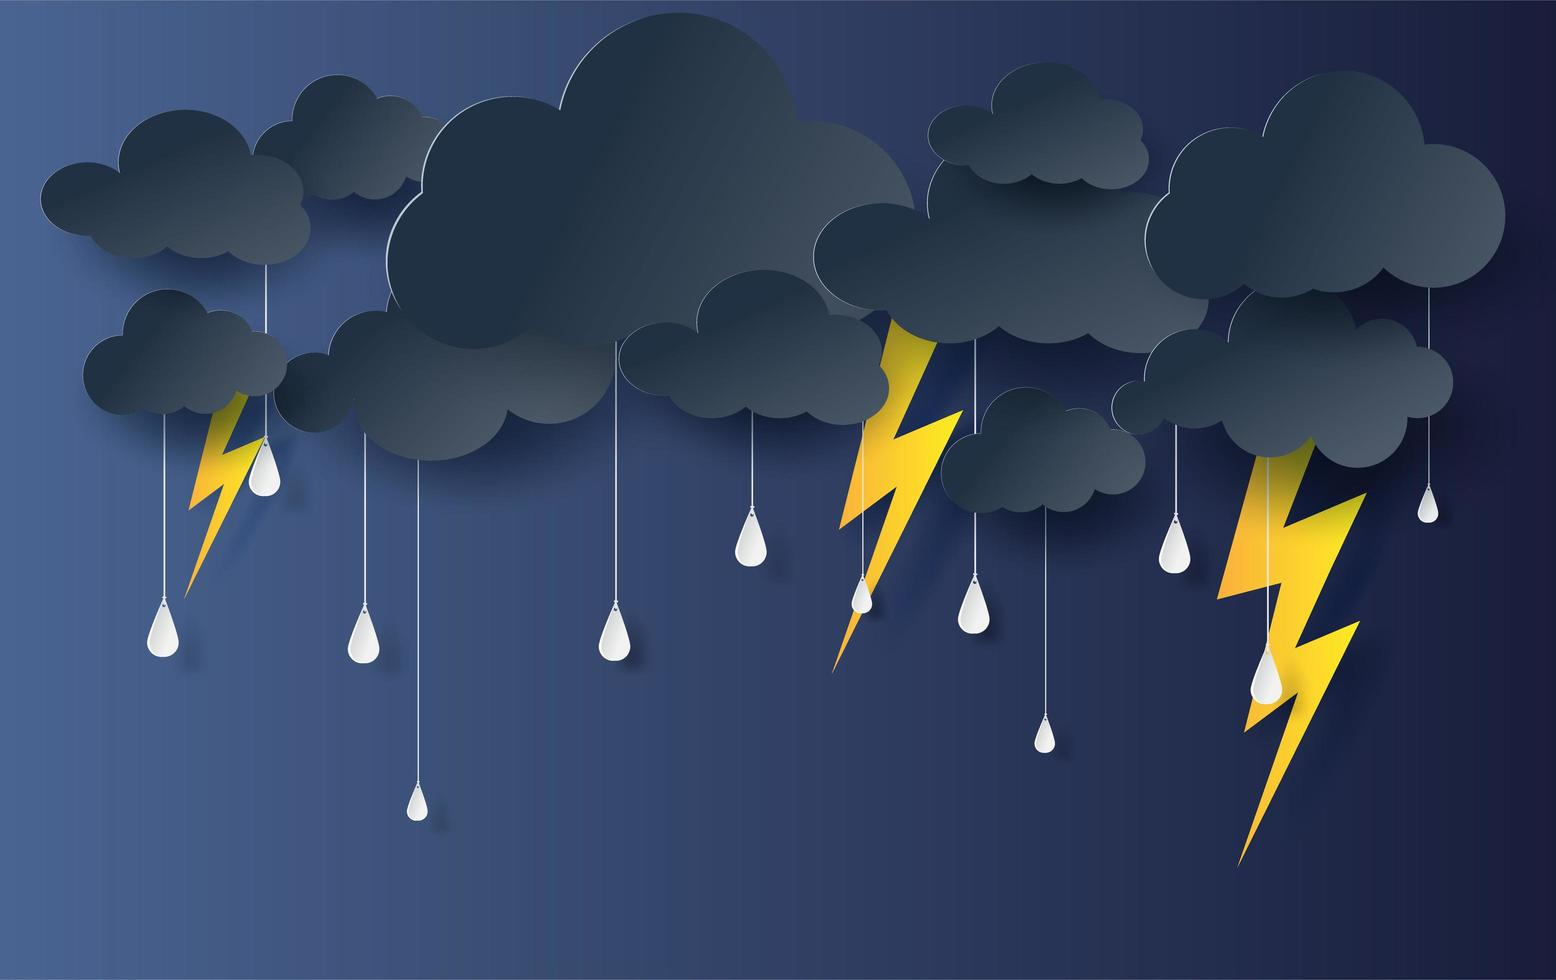 Papierkunst und Handwerksartwolken und Regenfahnenhintergrund vektor